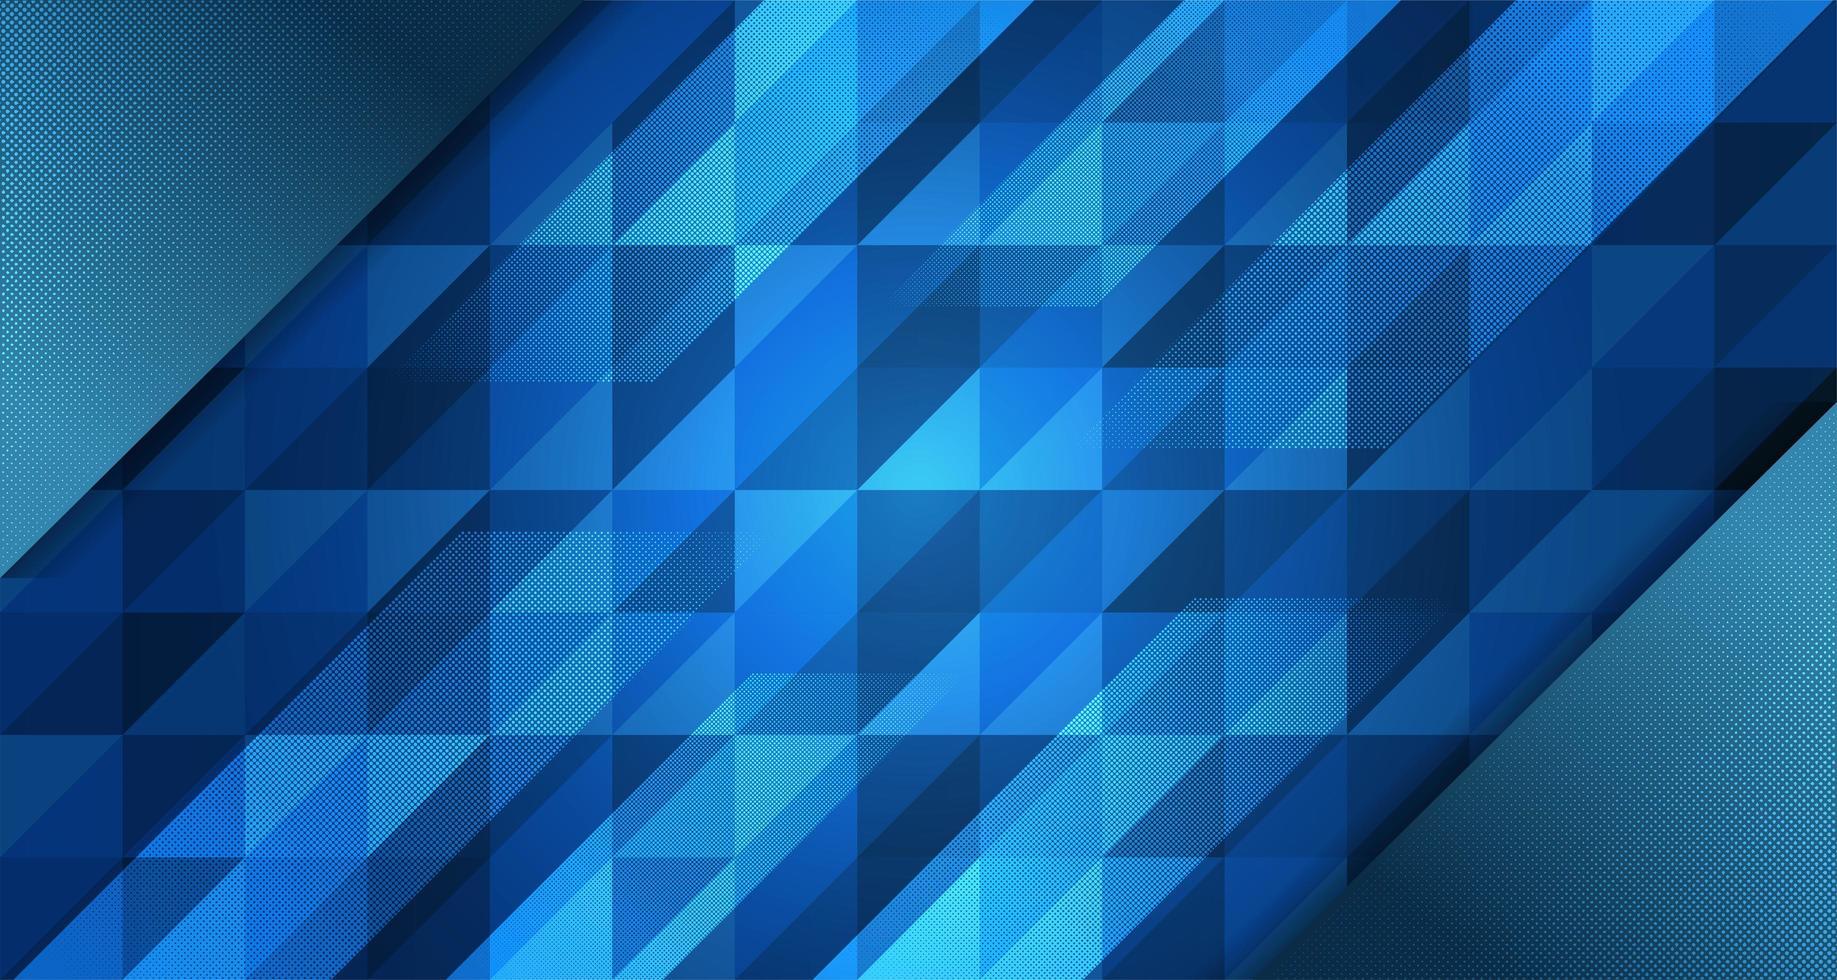 conception abstraite de polygone géométrique bleu dégradé vecteur